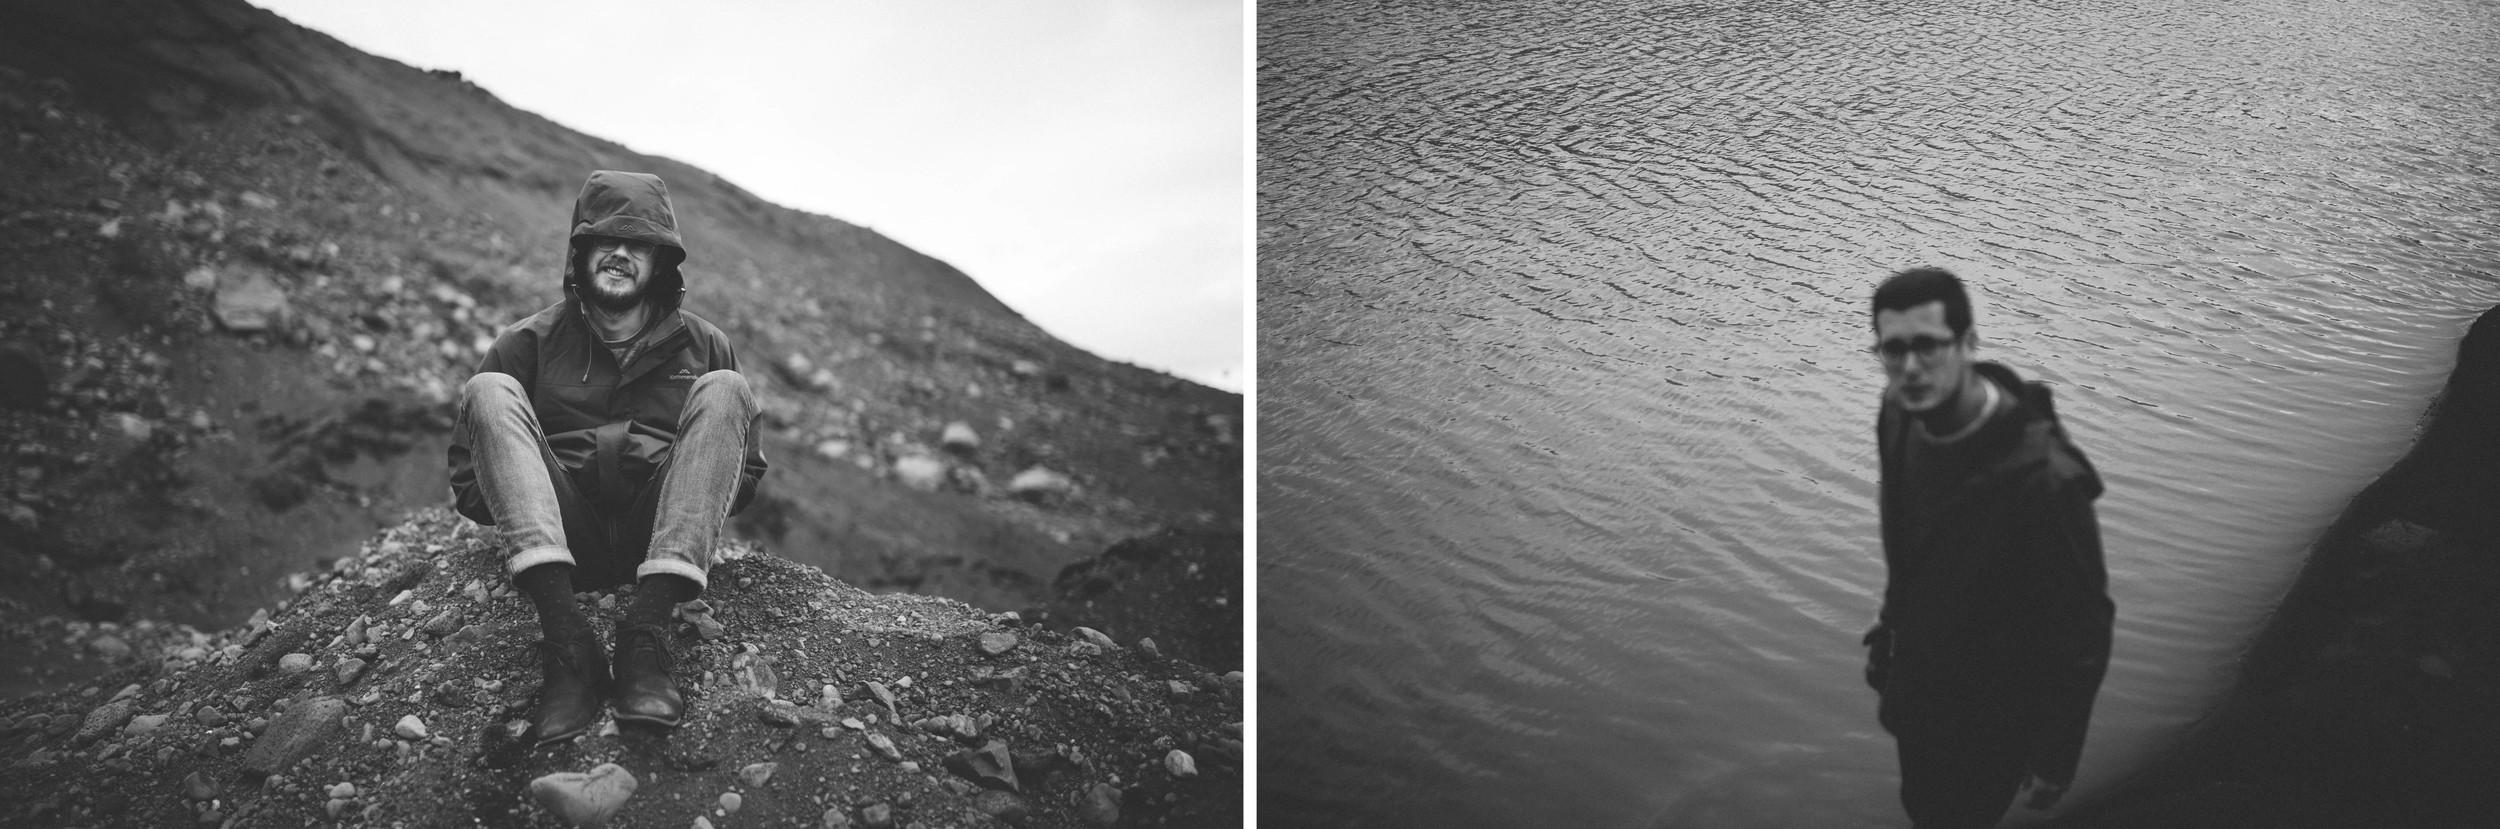 iceland2photos8.jpg